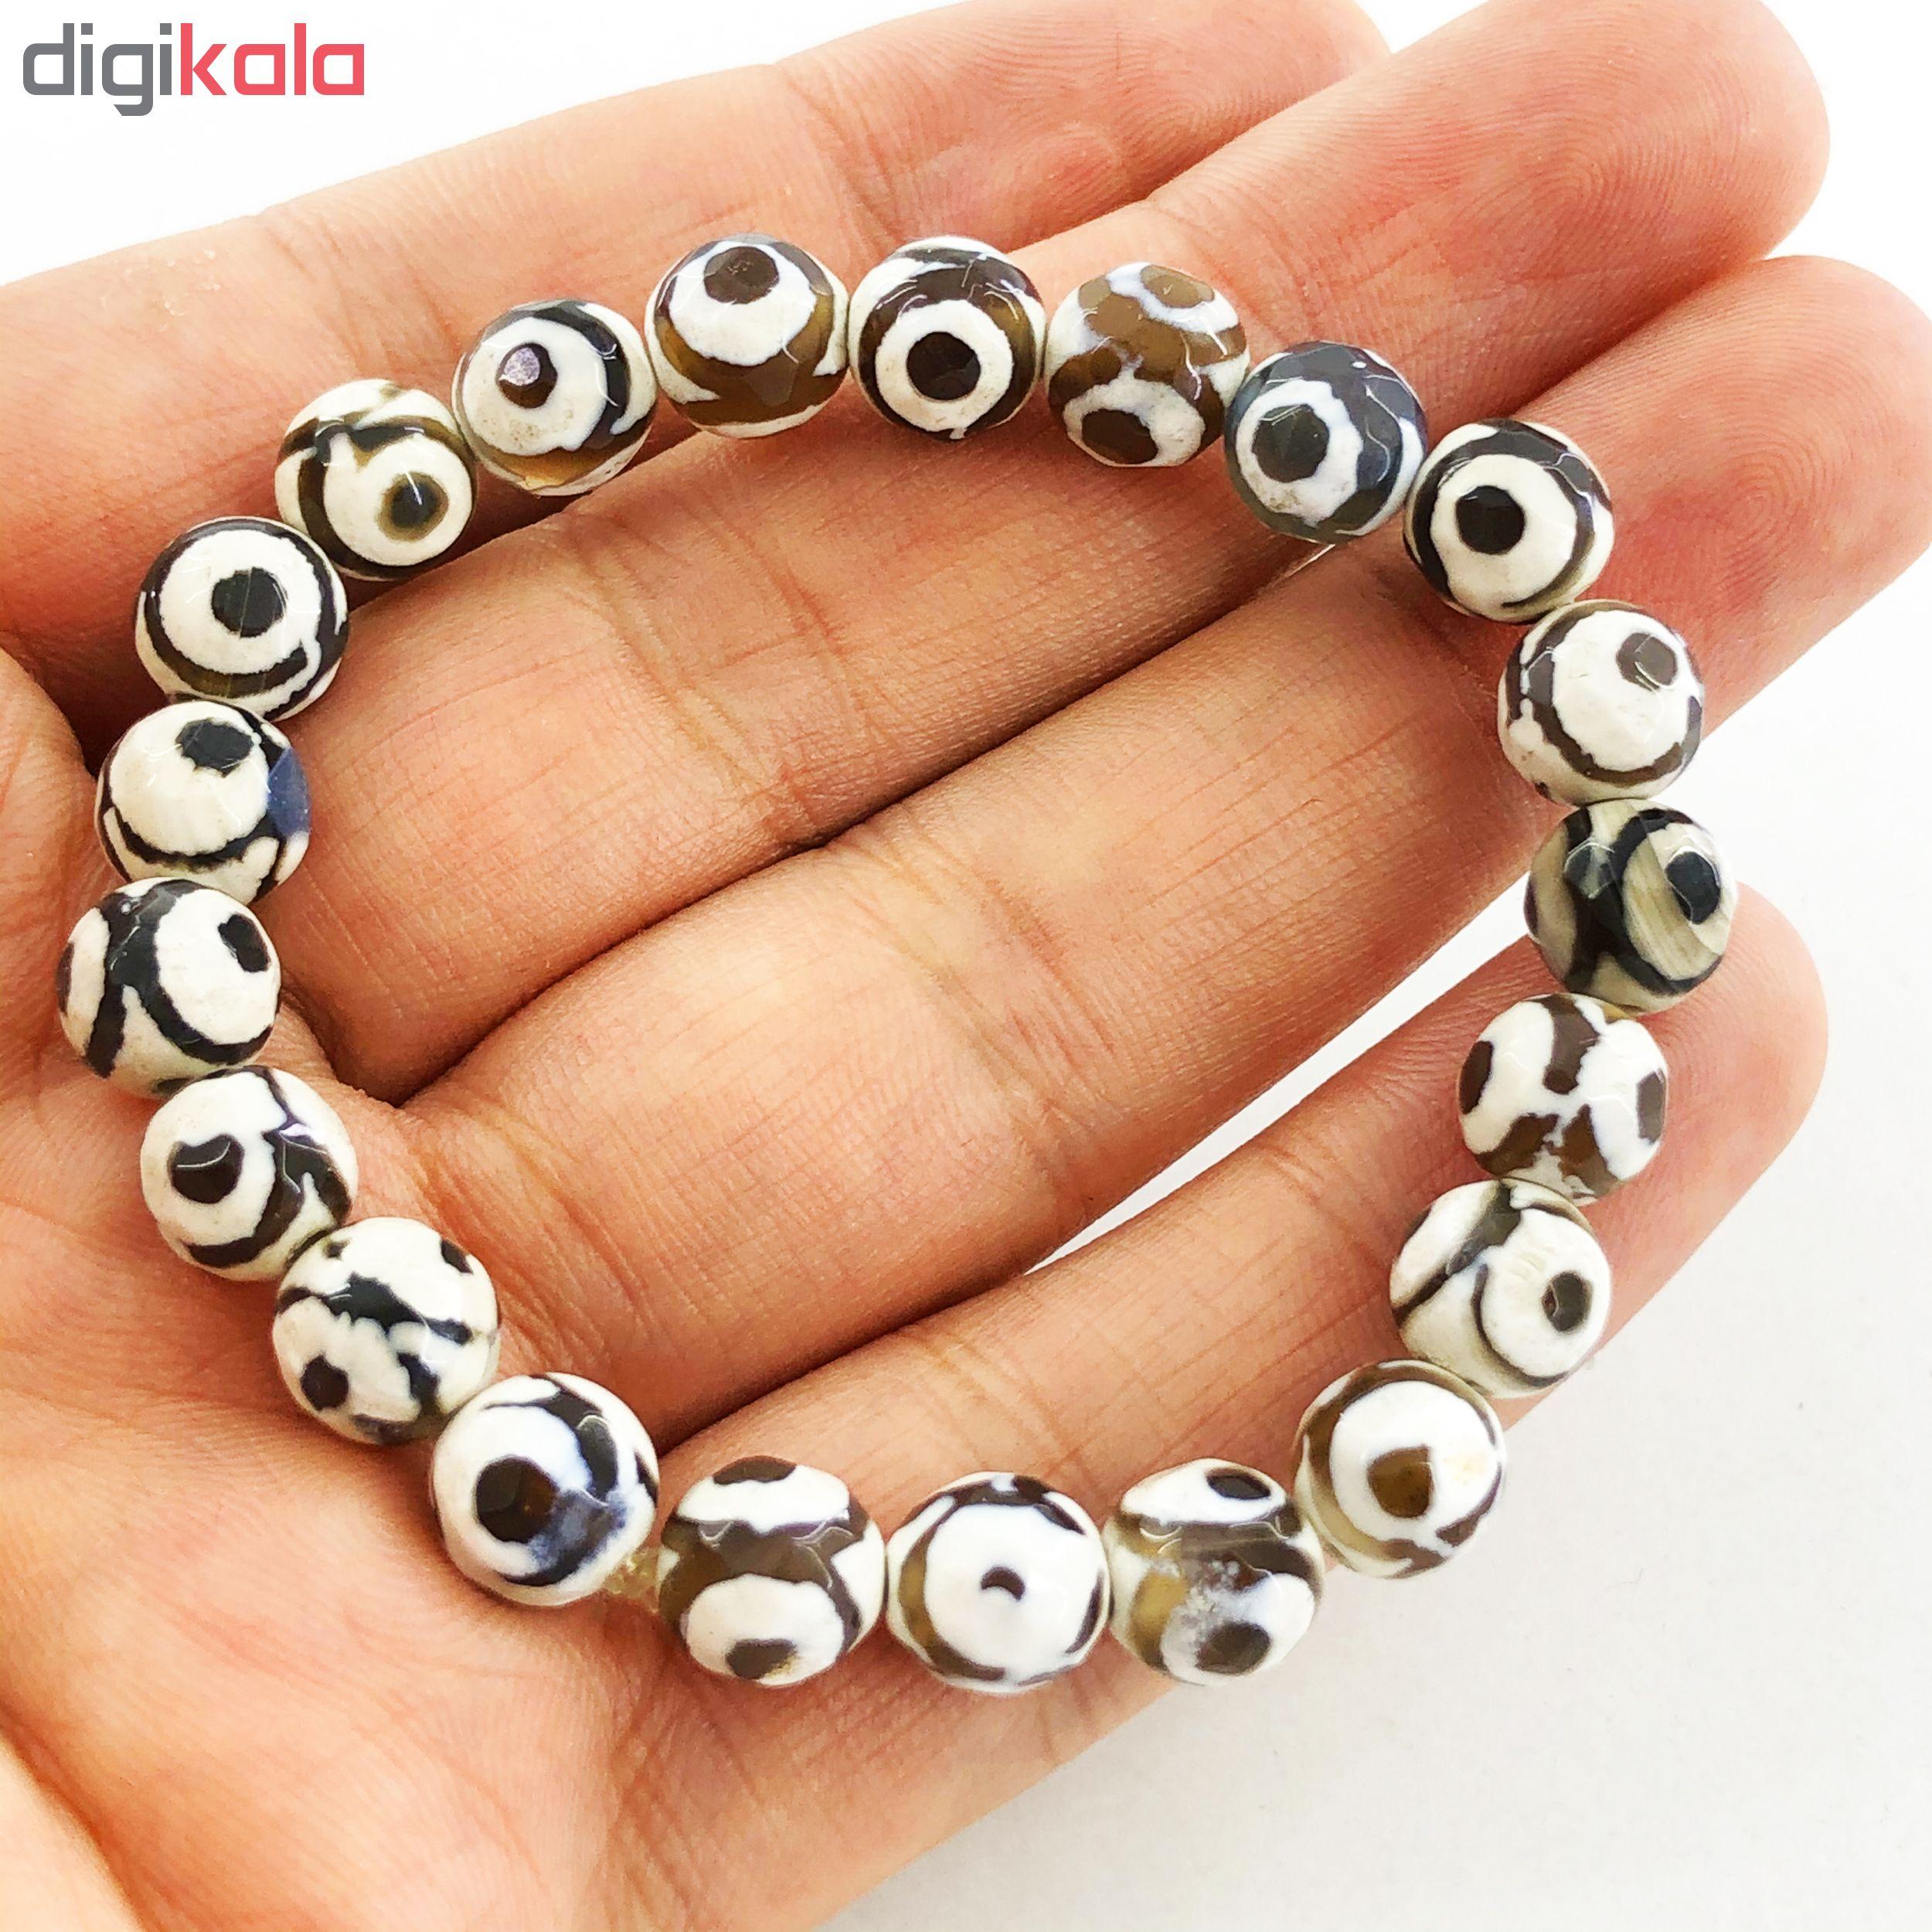 دستبند زنانه گالری عزیزی طرح چشم نظر مدل GZ98408